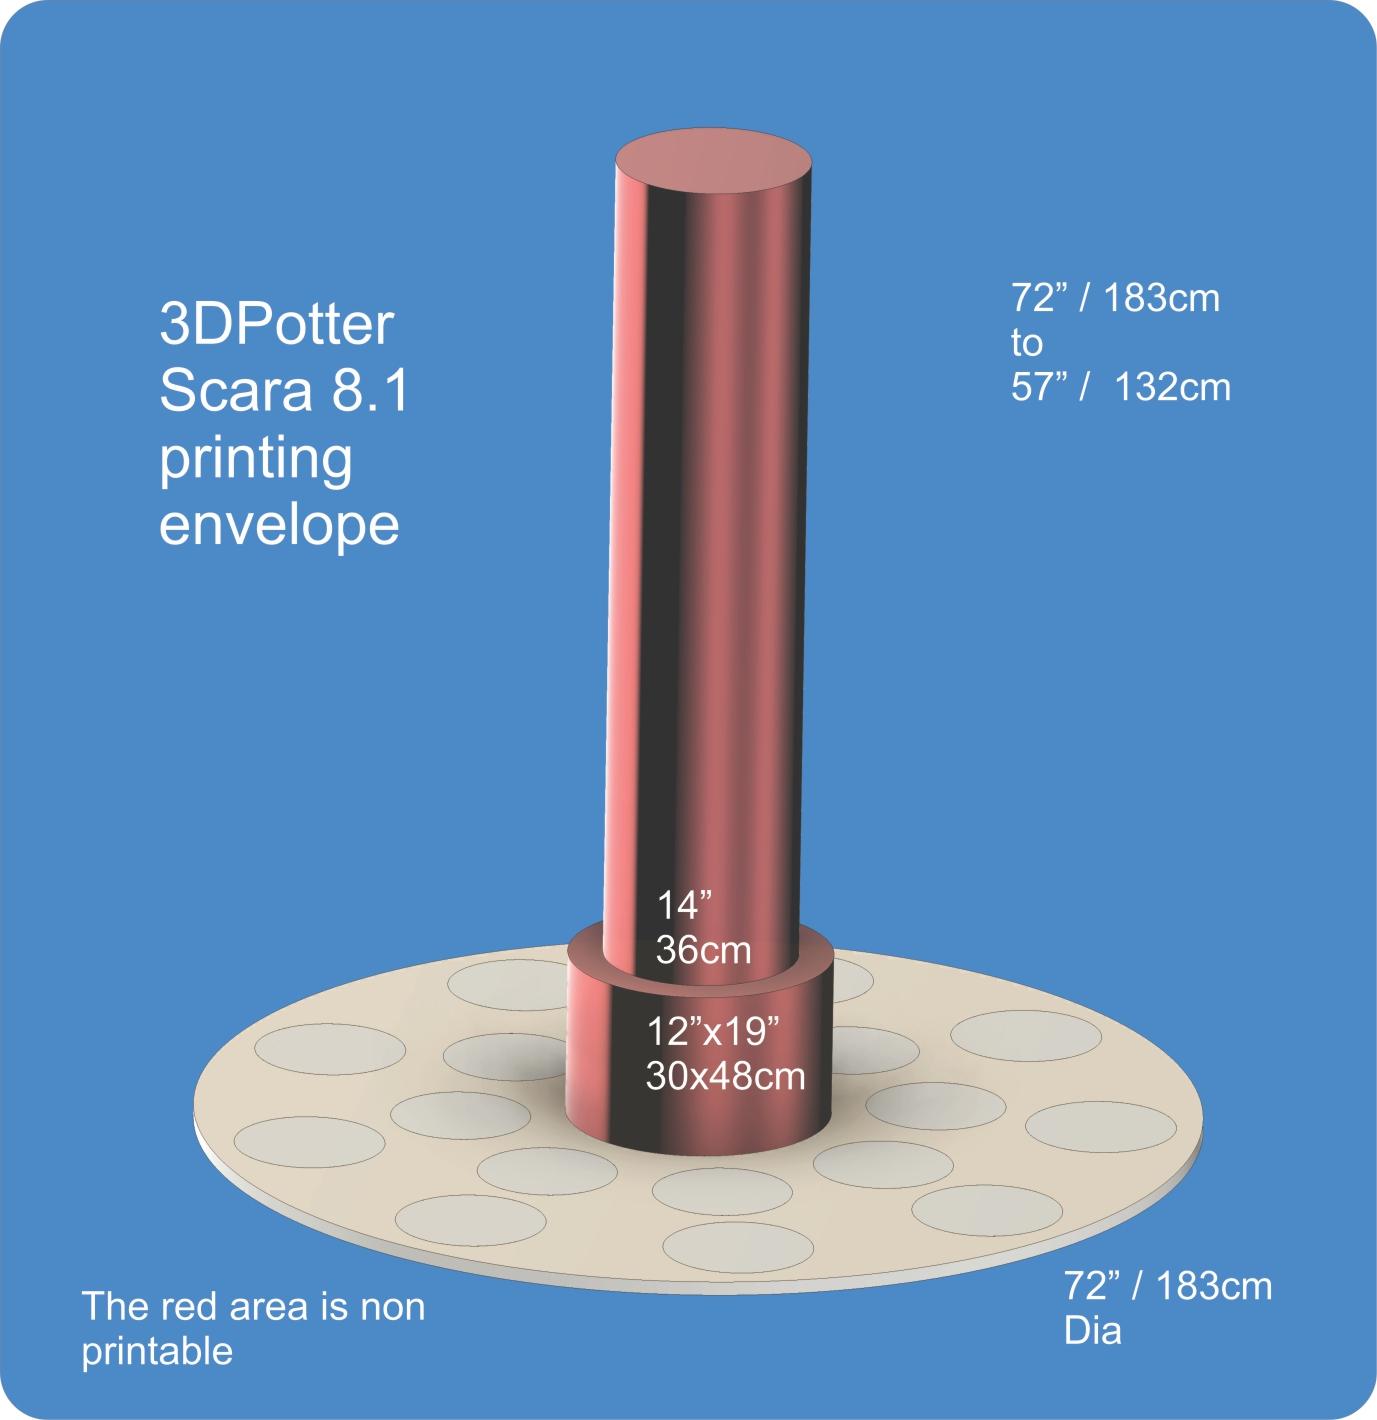 3DPotter  Scara 8.1 printing envelope.jpg